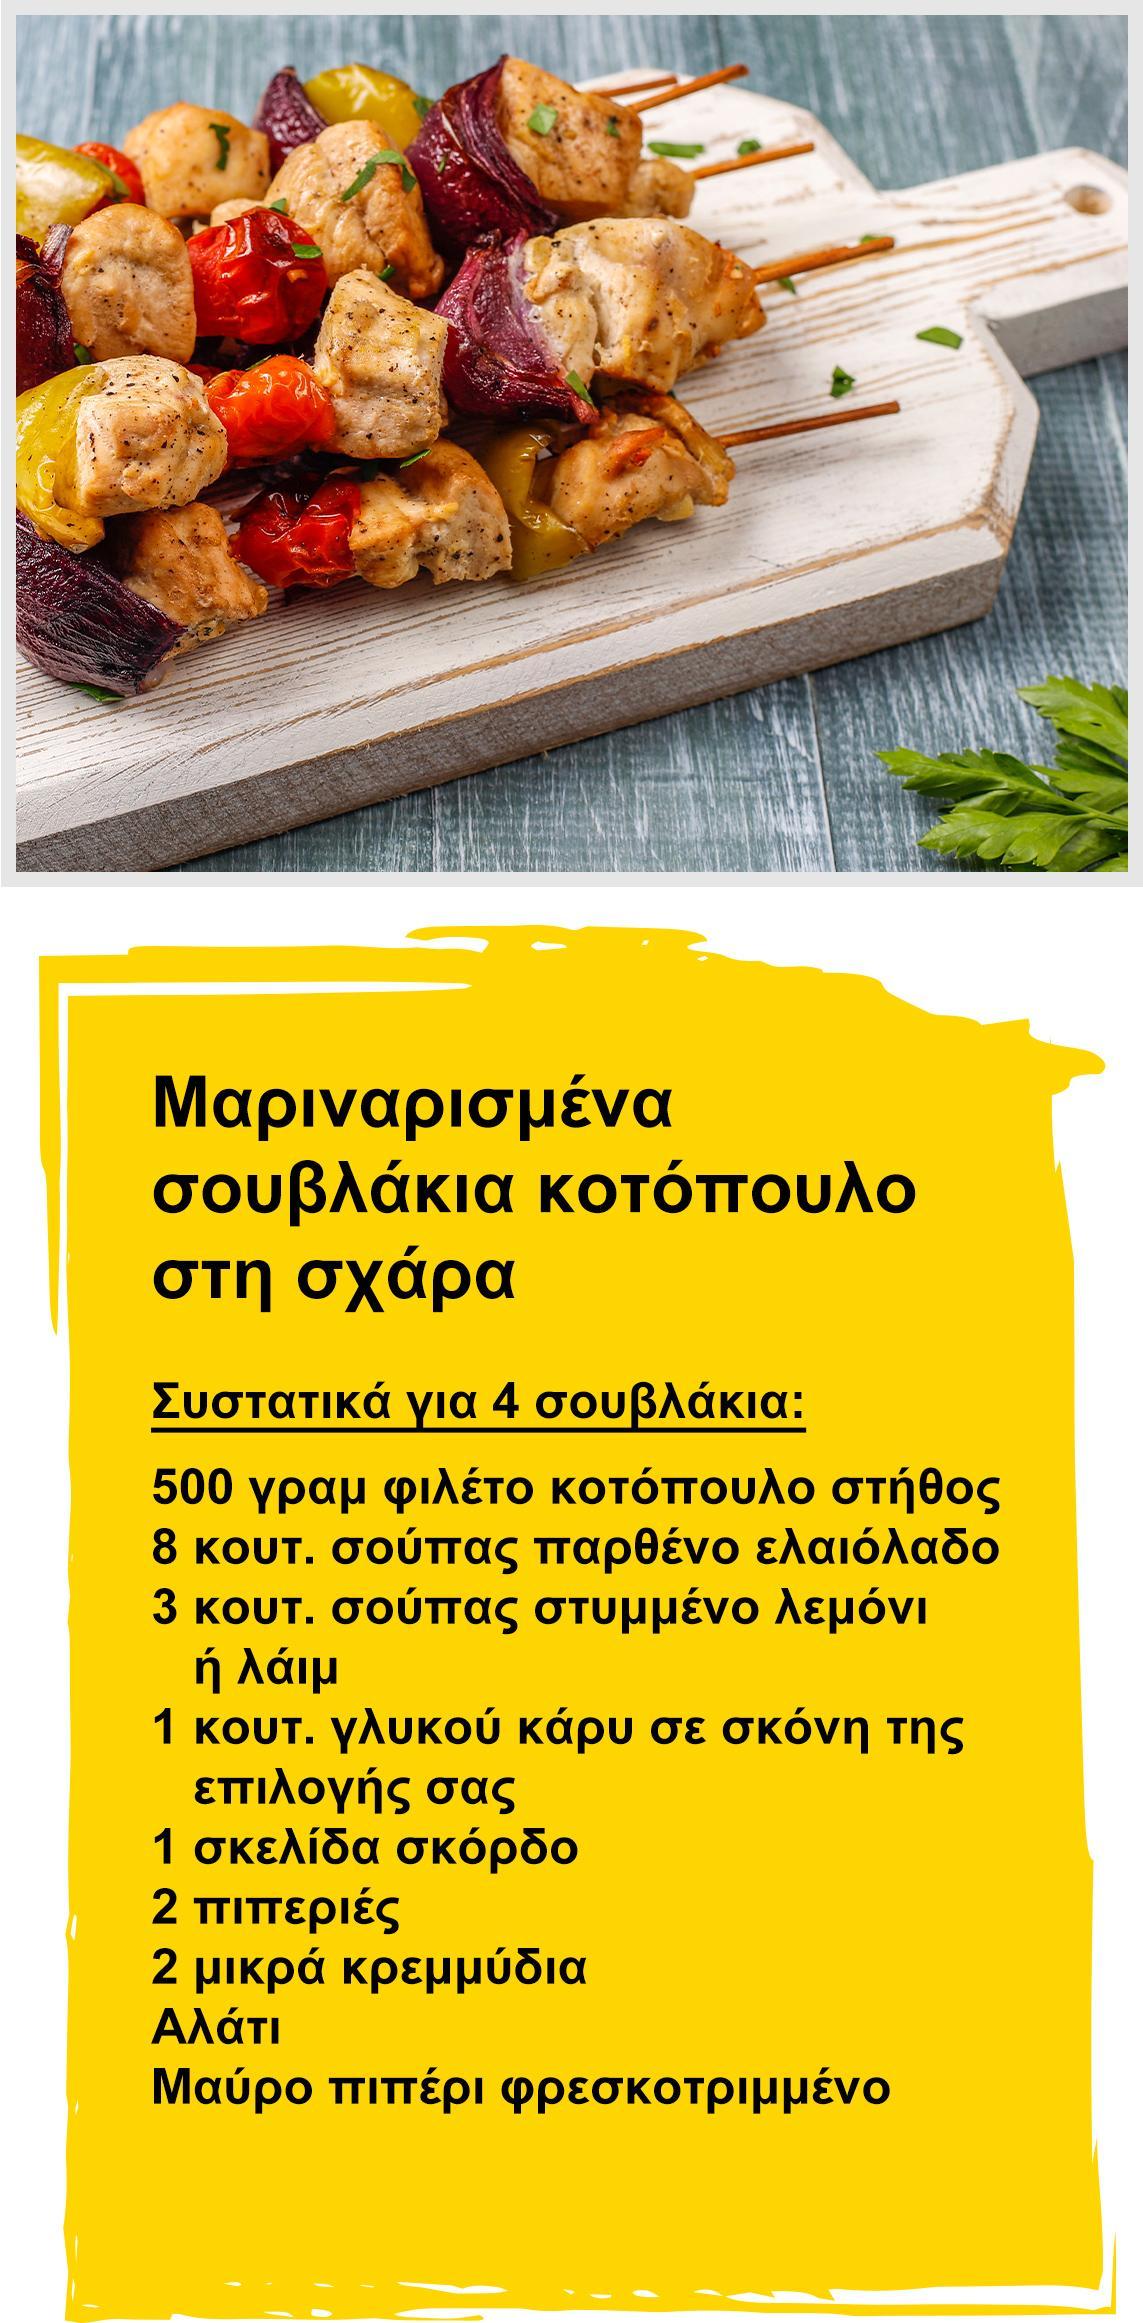 Νόστιμα ψητά σουβλάκια κοτόπουλο είναι τοποθετημένα σε μια ξύλινη βάση.